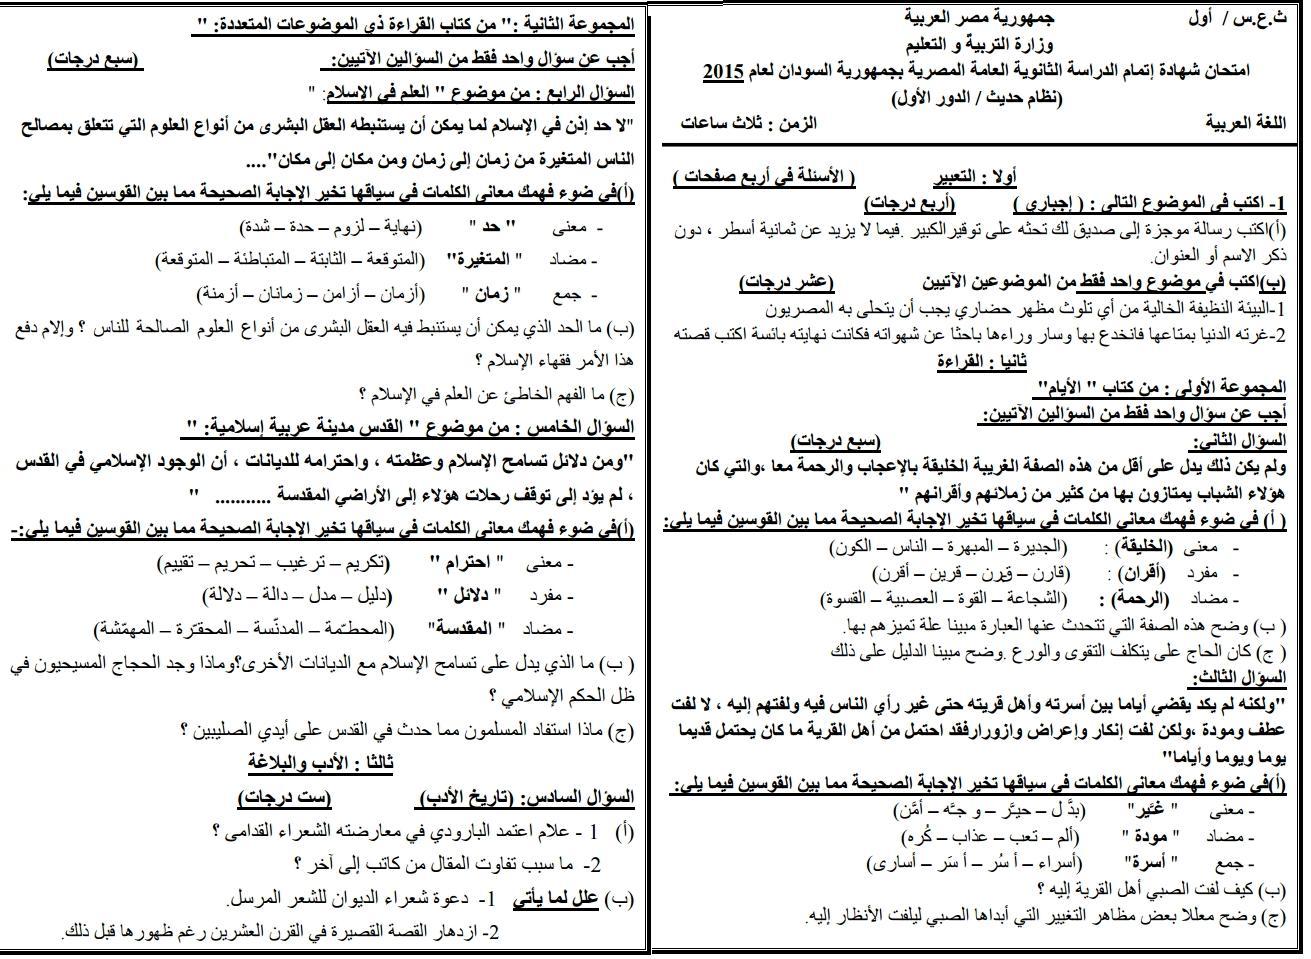 بالصور كل امتحانات الثانوية العامة 2015 بالسودان مجمعة فى مكان واحد - صفحة 2 Moha071